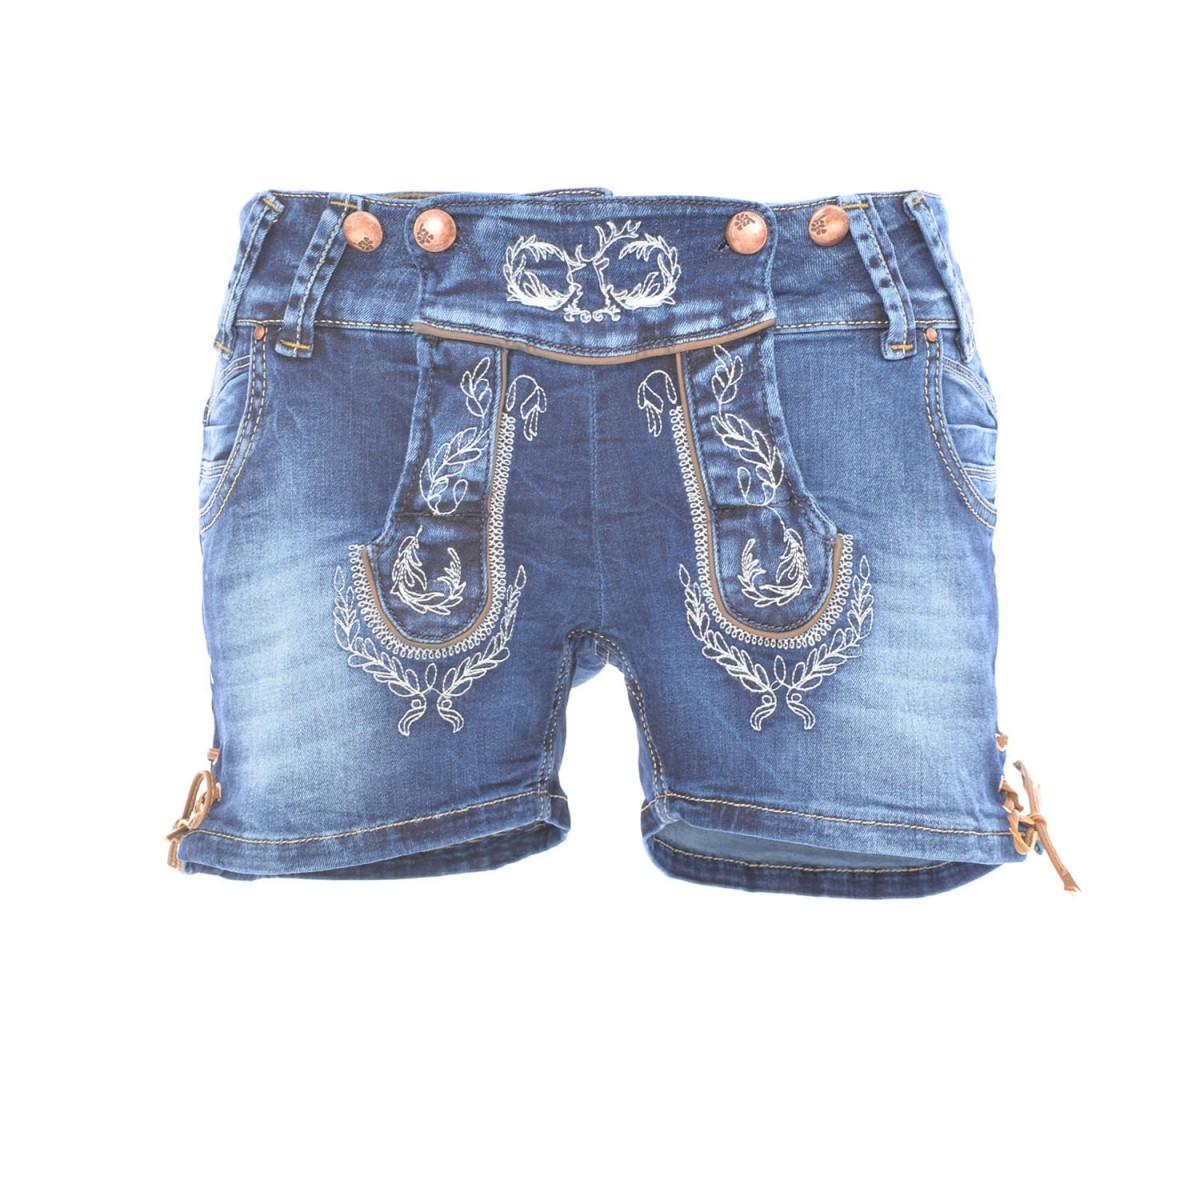 Trachten jeans shorts damen